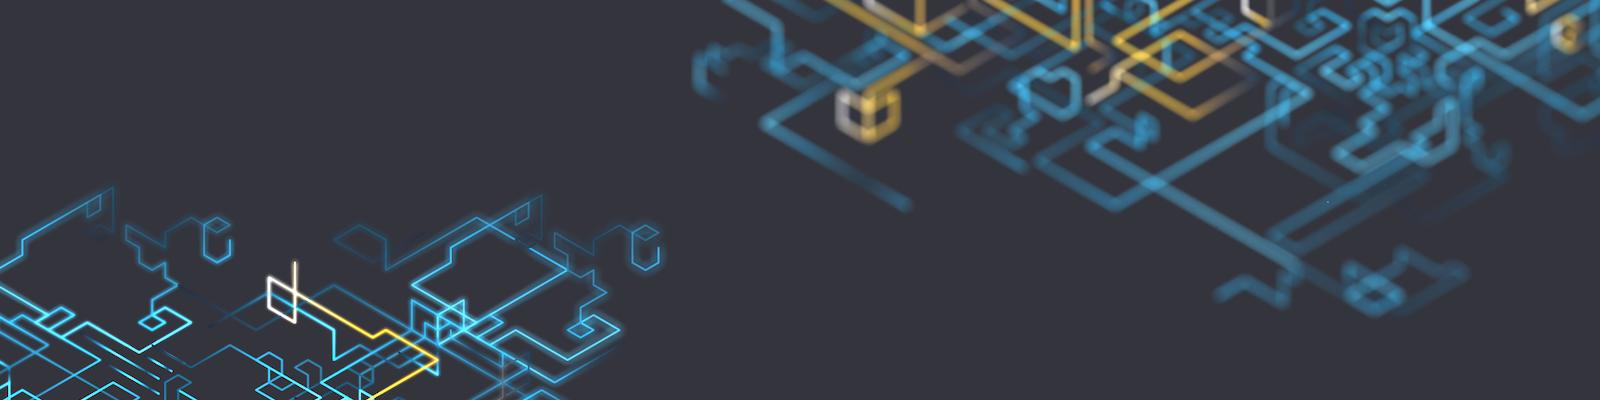 The AWS IoT Mega Contest!